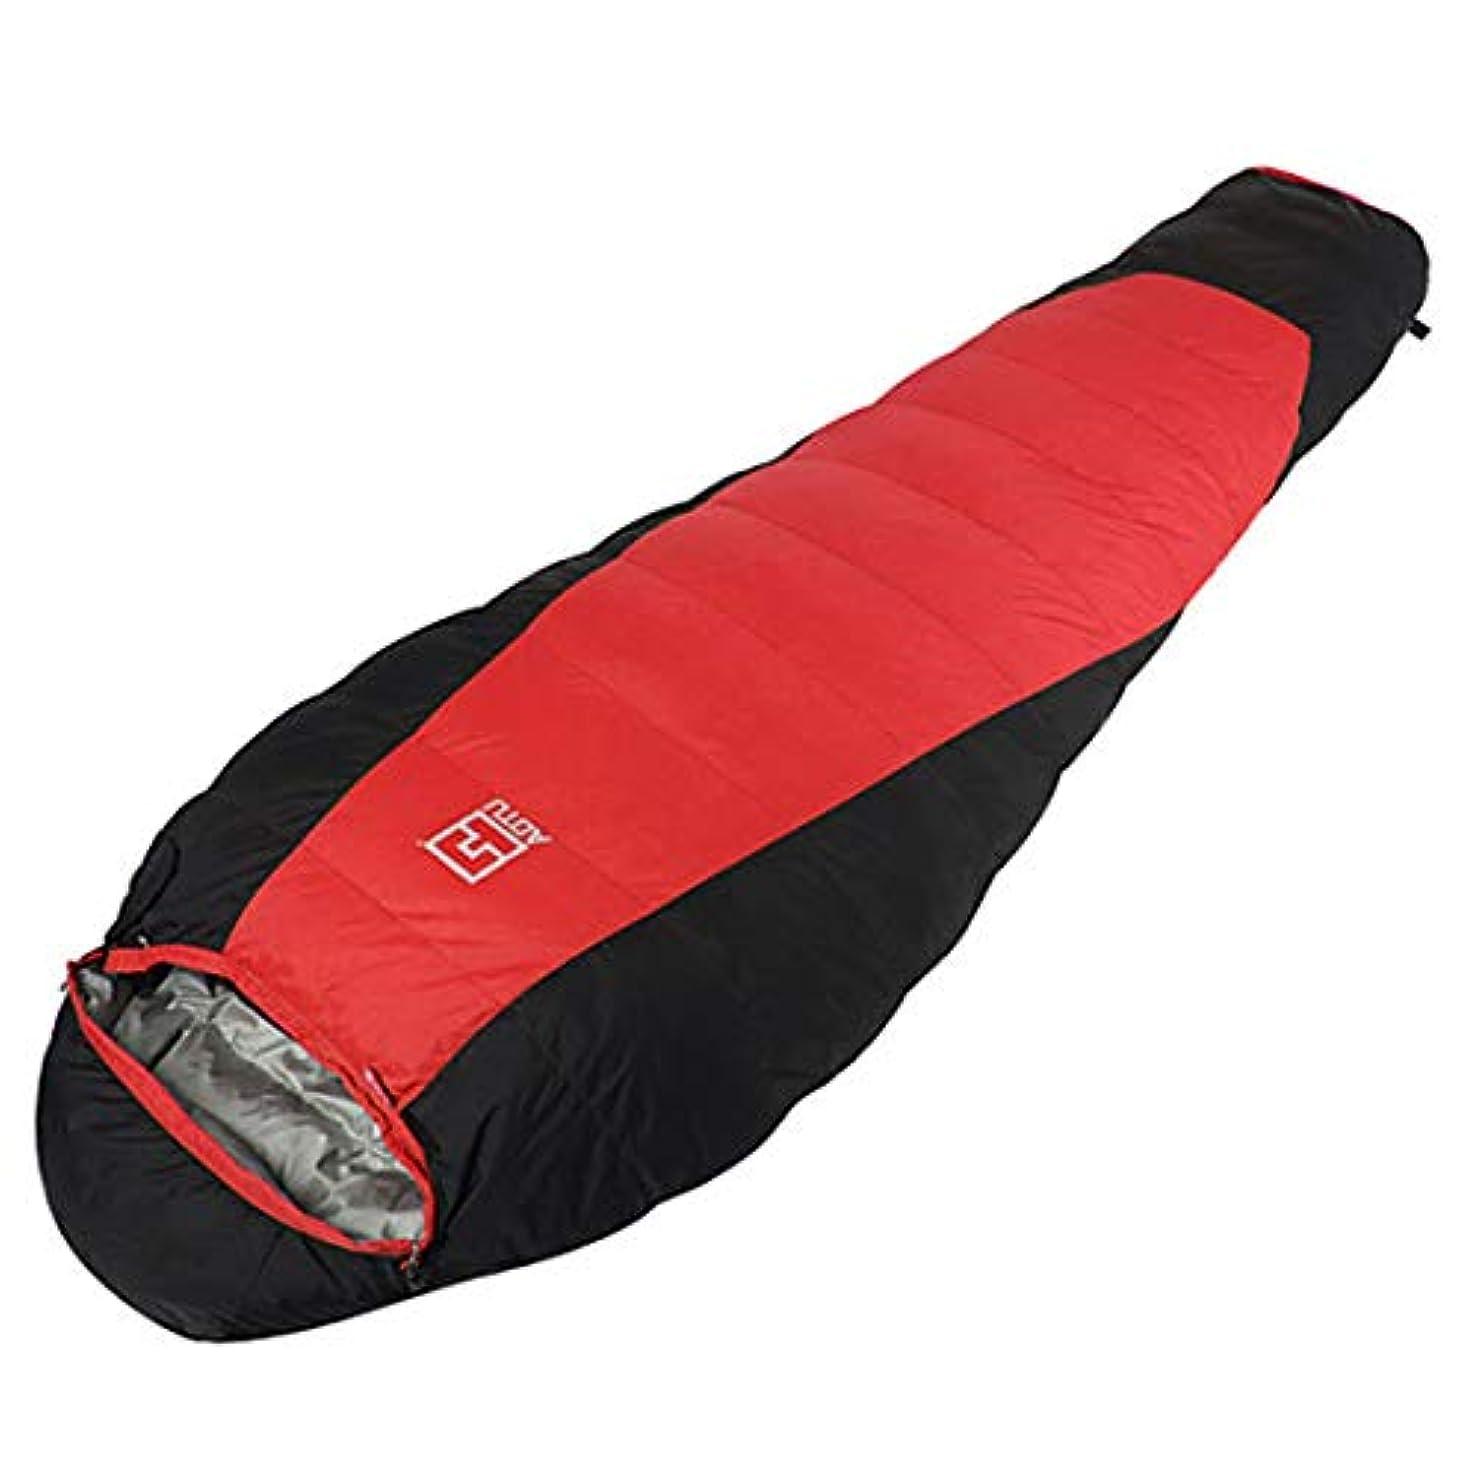 下にパス考えたLilyAngel キャンプミイラの寝袋軽量ポータブル防水快適なコンプレッションサック - 2シーズンハイキングアウトドアアクティビティ